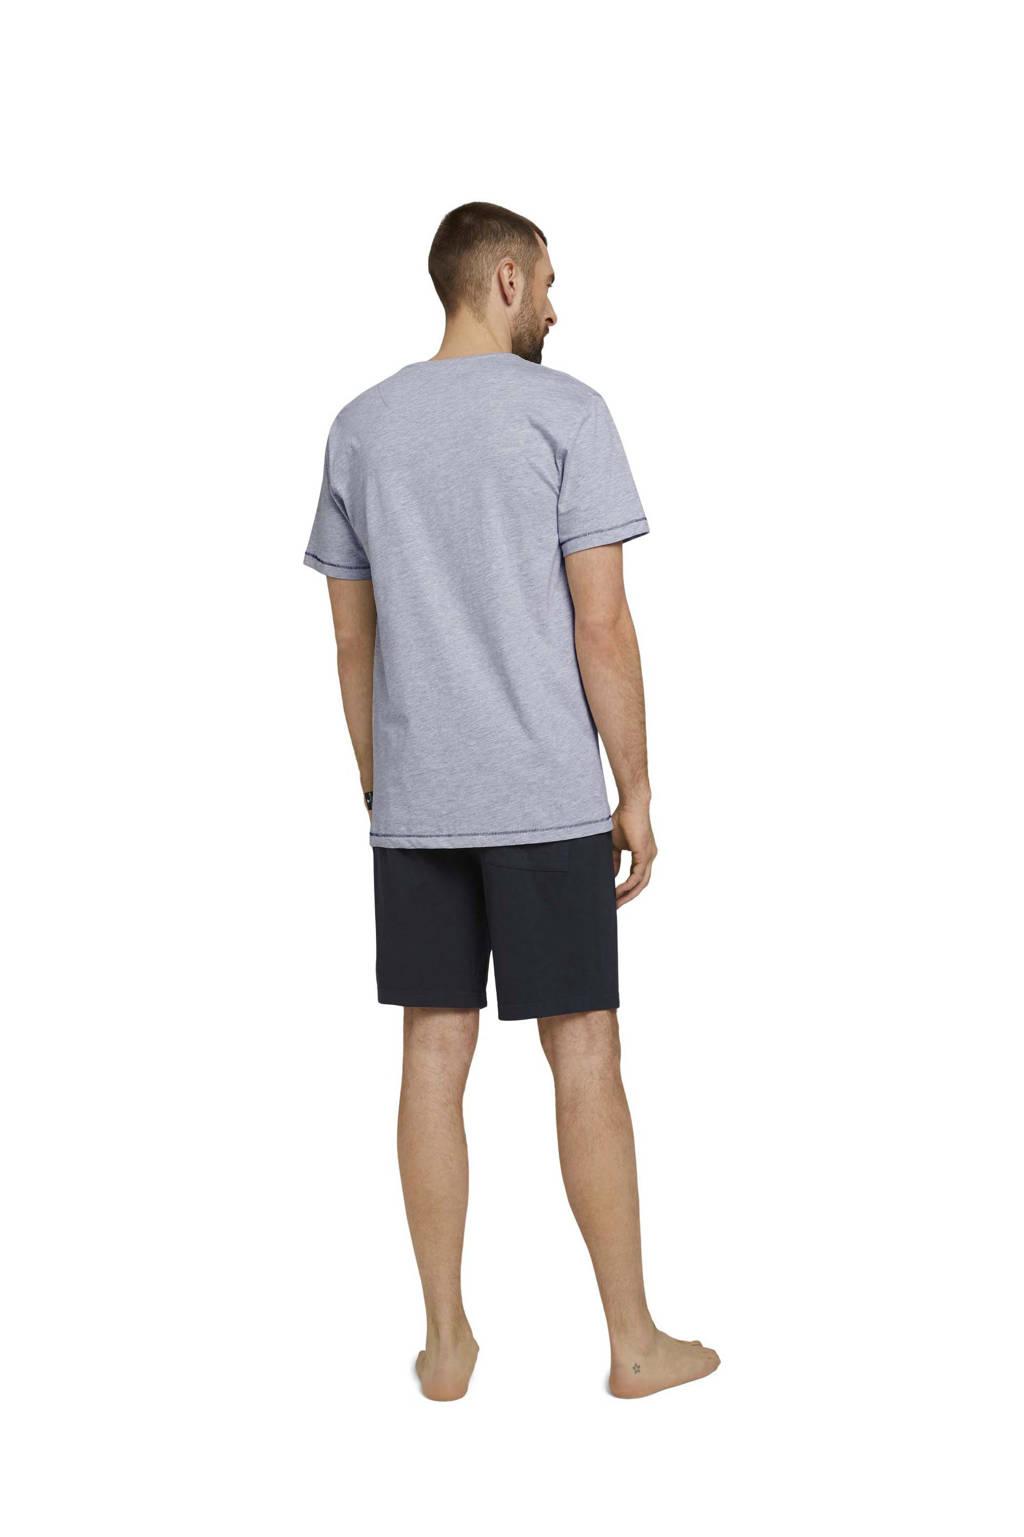 Tom Tailor shortama met printopdruk grijs/zwart, Grijs/zwart